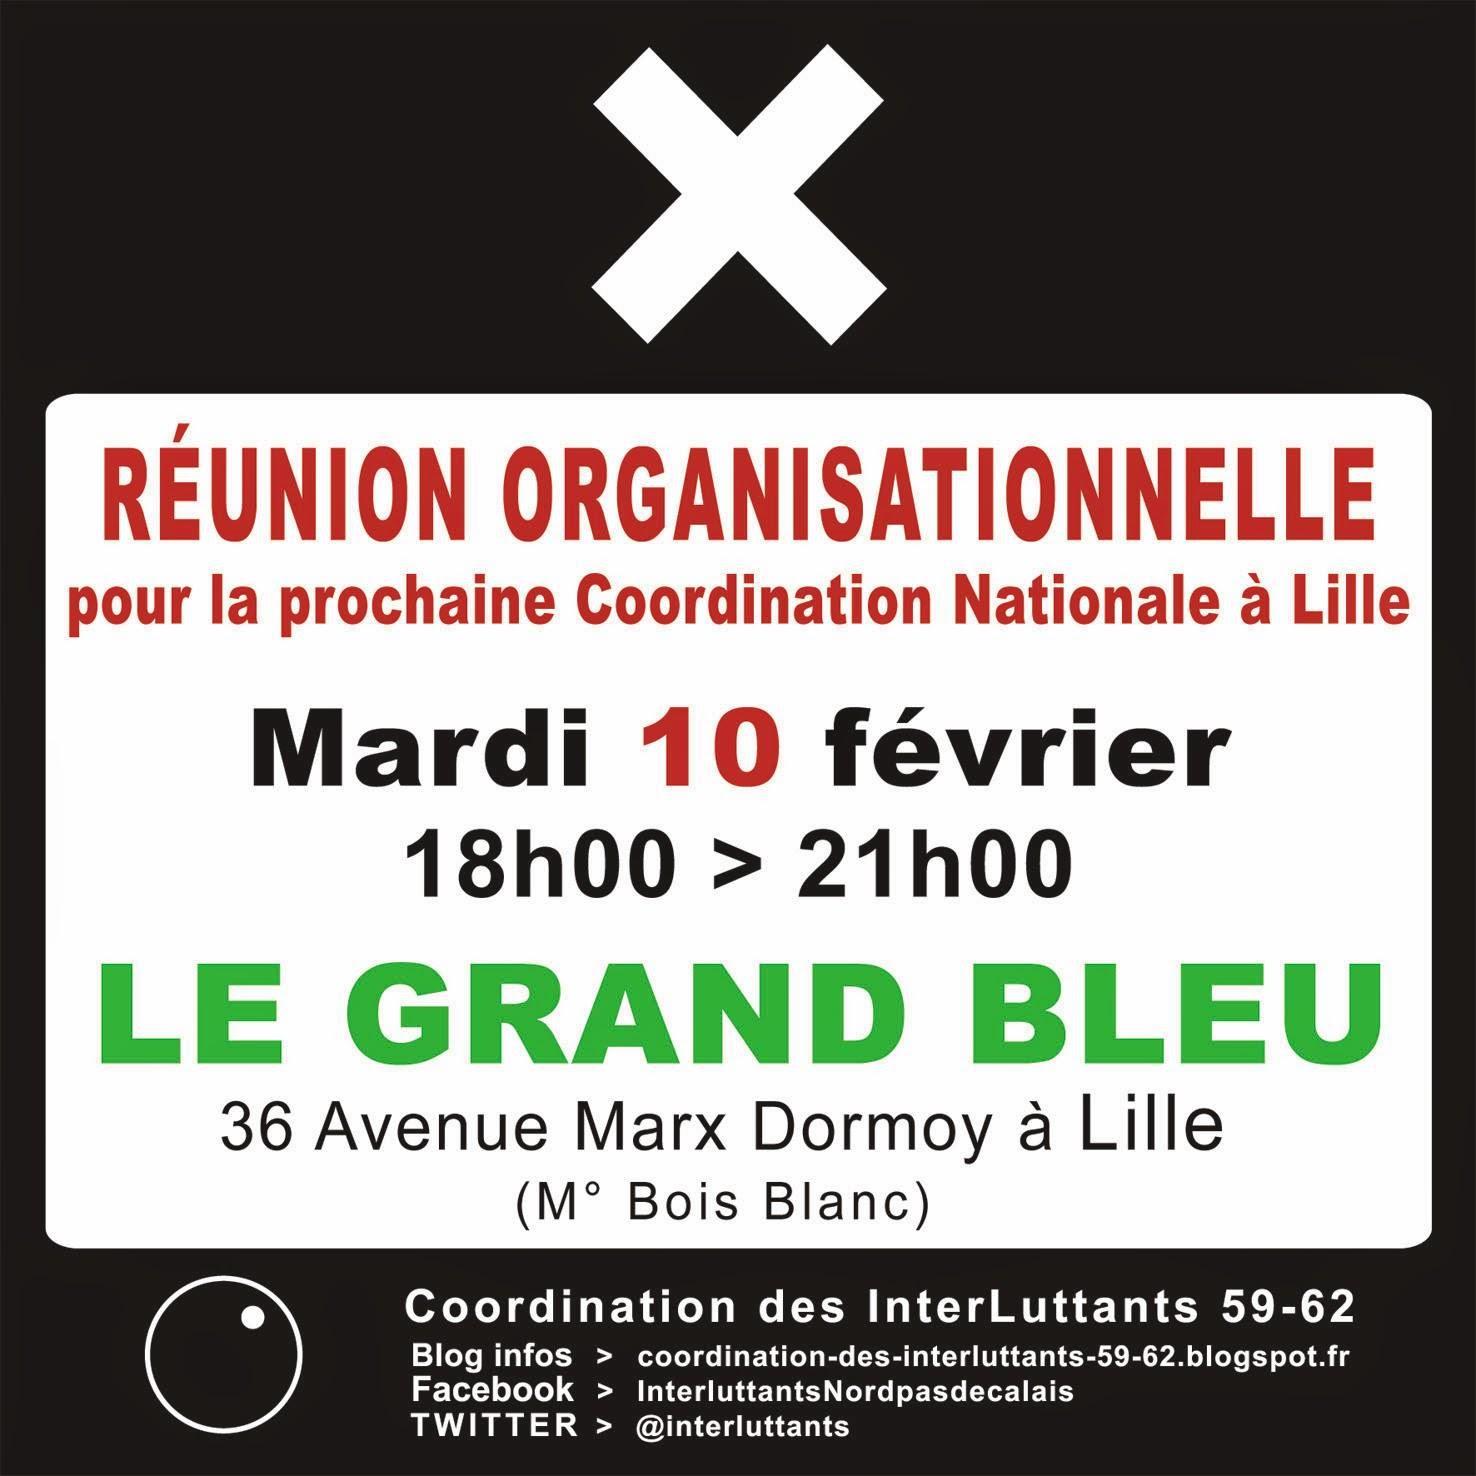 La Coordination des InterLuttants 59-62 accueille la prochaine Coordination Nationale à Lille  Réunion de préparation : organisation logistique générale   Mardi 10 février 2015 - 18h00 > 21h00 au GRAND BLEU 36 Avenue Marx Dormoy - LILLE (métro Bois Blanc)